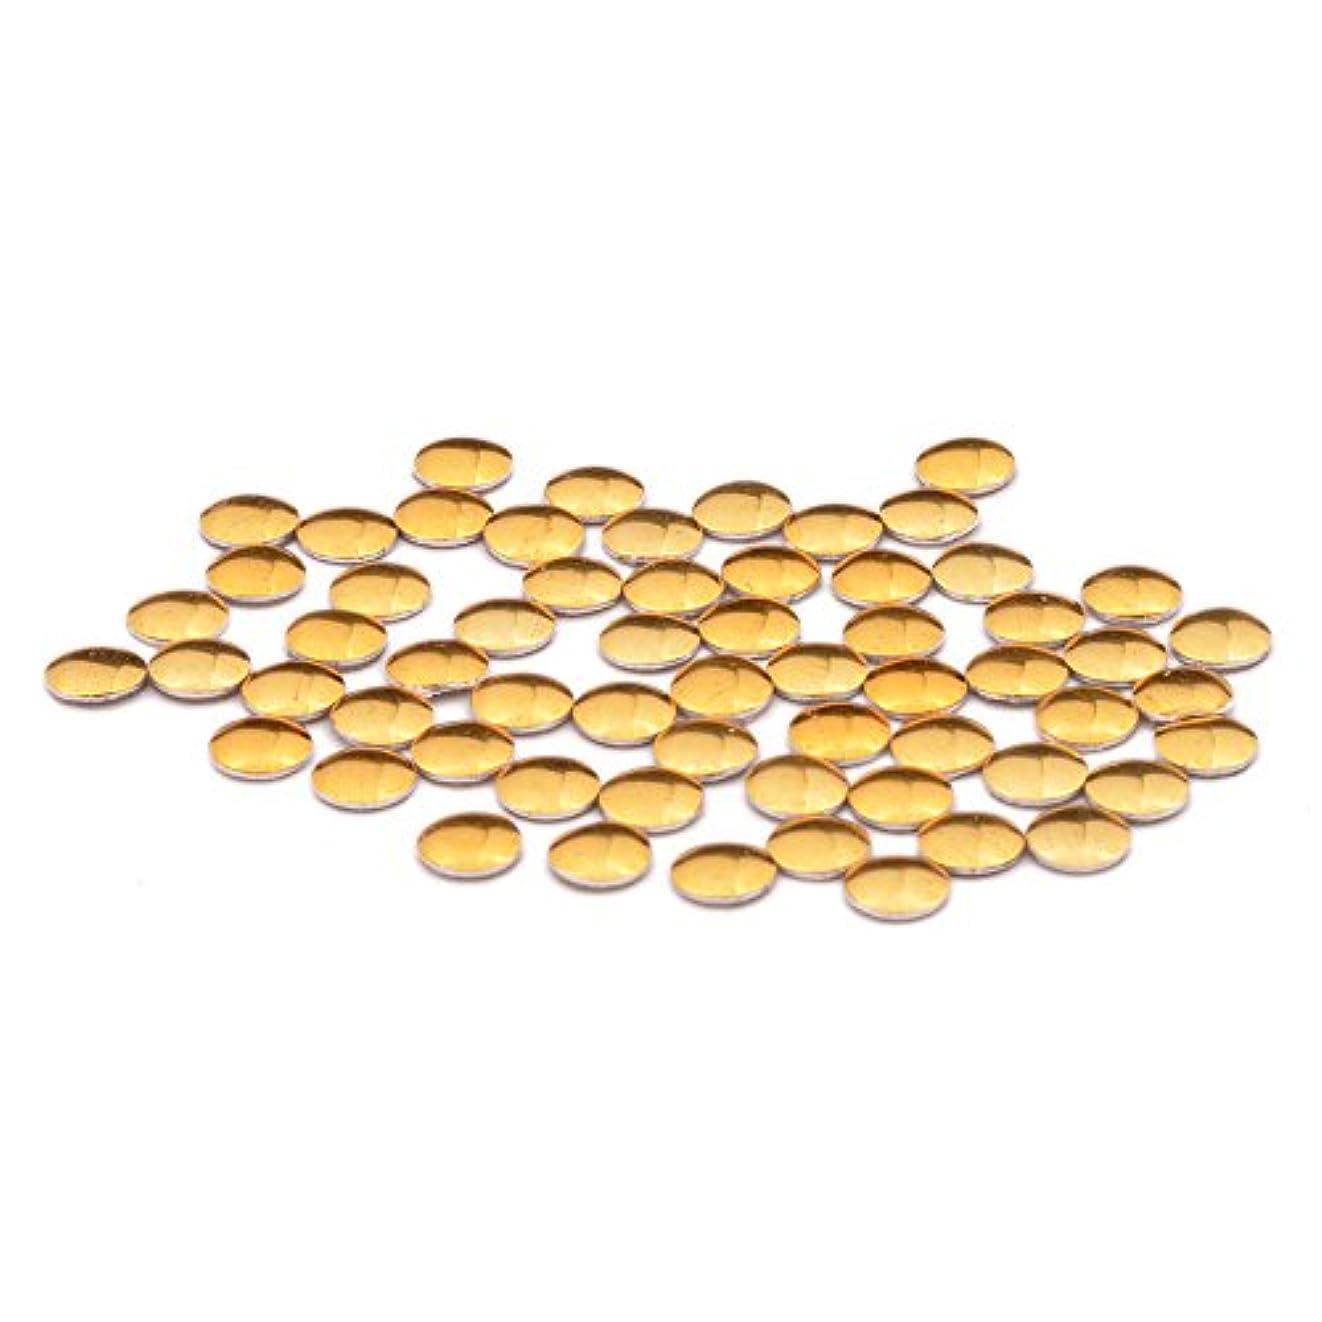 プラスチック絶望的なあいにくラウンド メタルスタッズ 丸型(0.8mm/1mm/1.2mm/1.5mm/2mm/2.5mm/3mm)約50粒入り (1.2mm, ゴールド)